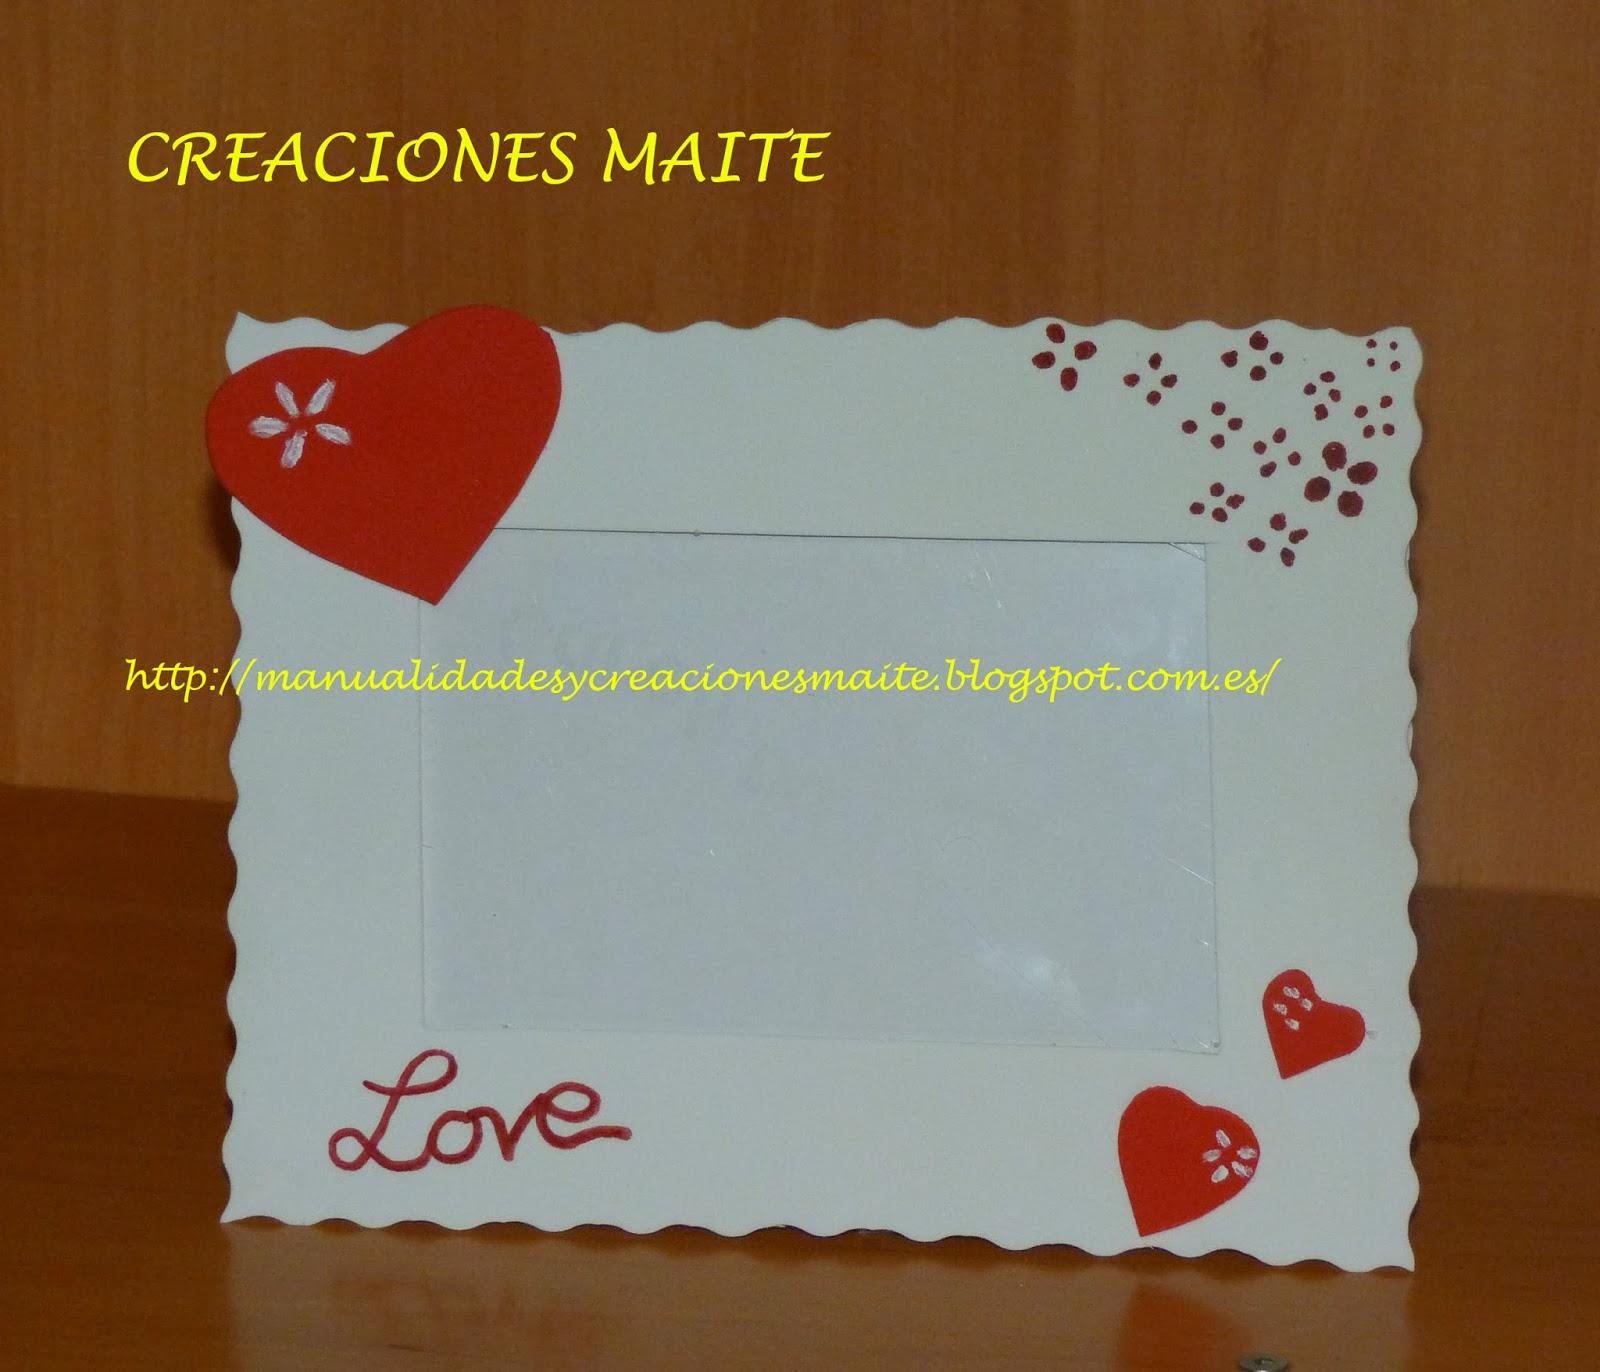 Fofuchas manualidades y creaciones maite enero 2014 - Marcos de fotos manualidades ...